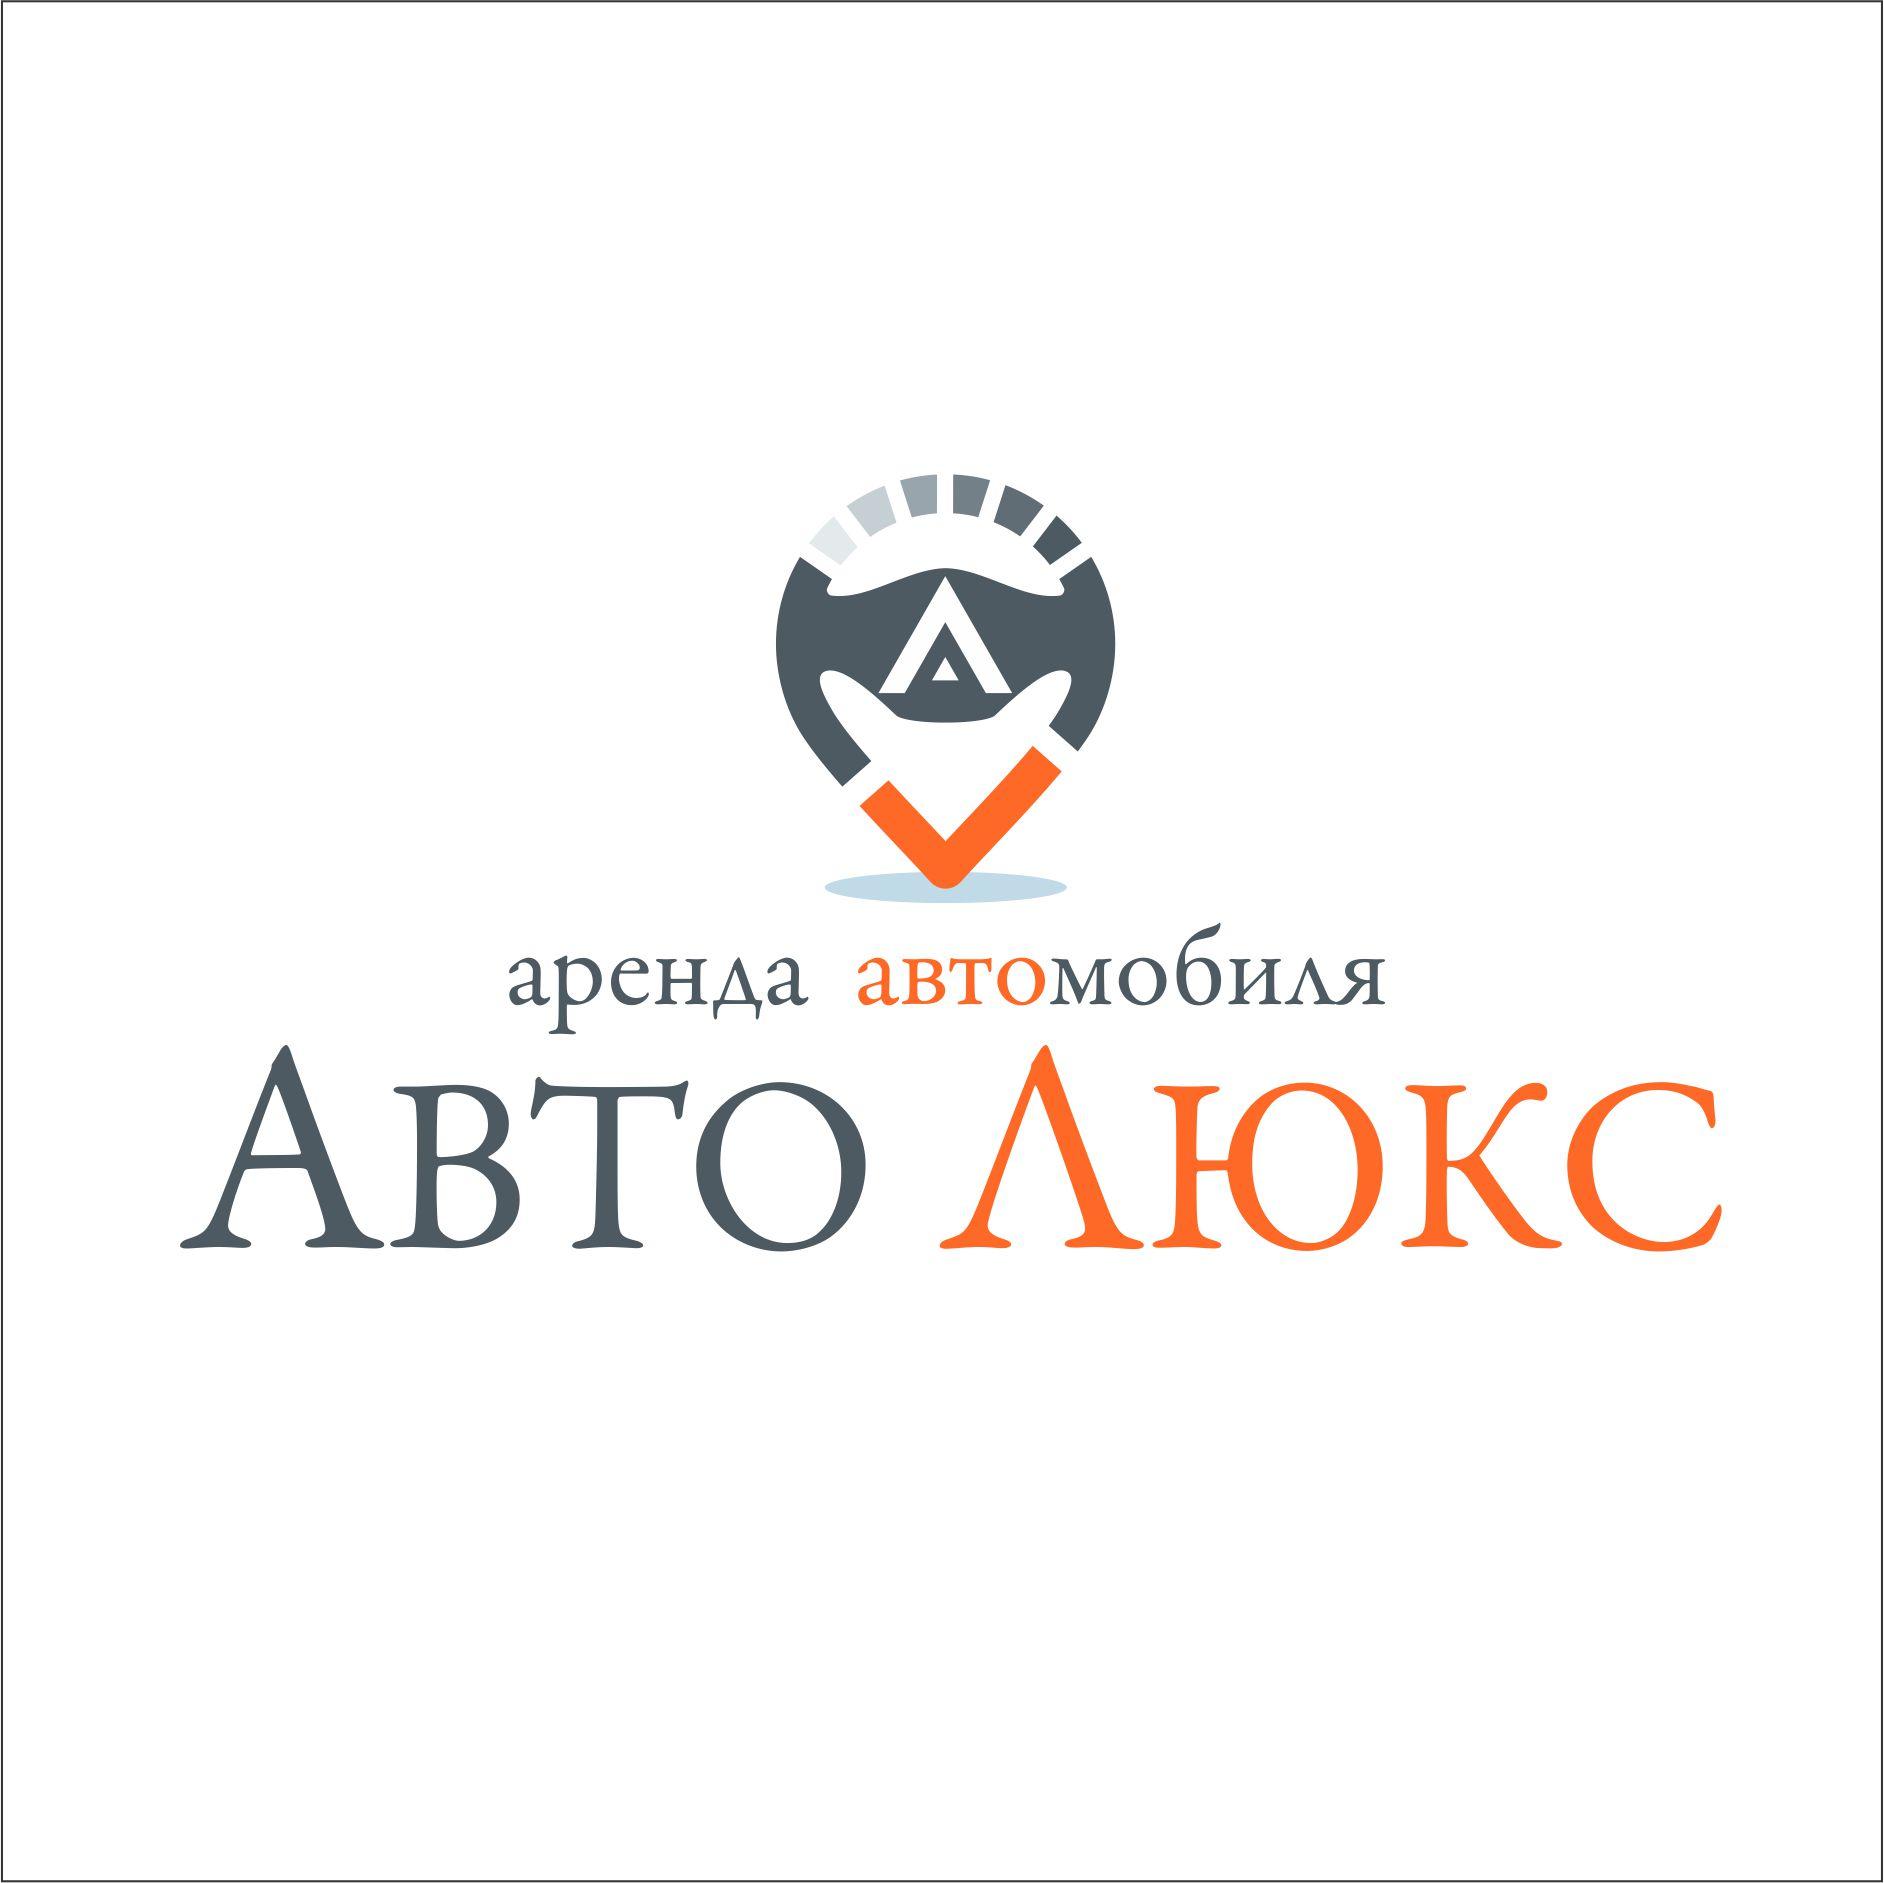 АВТОПРОКАТ